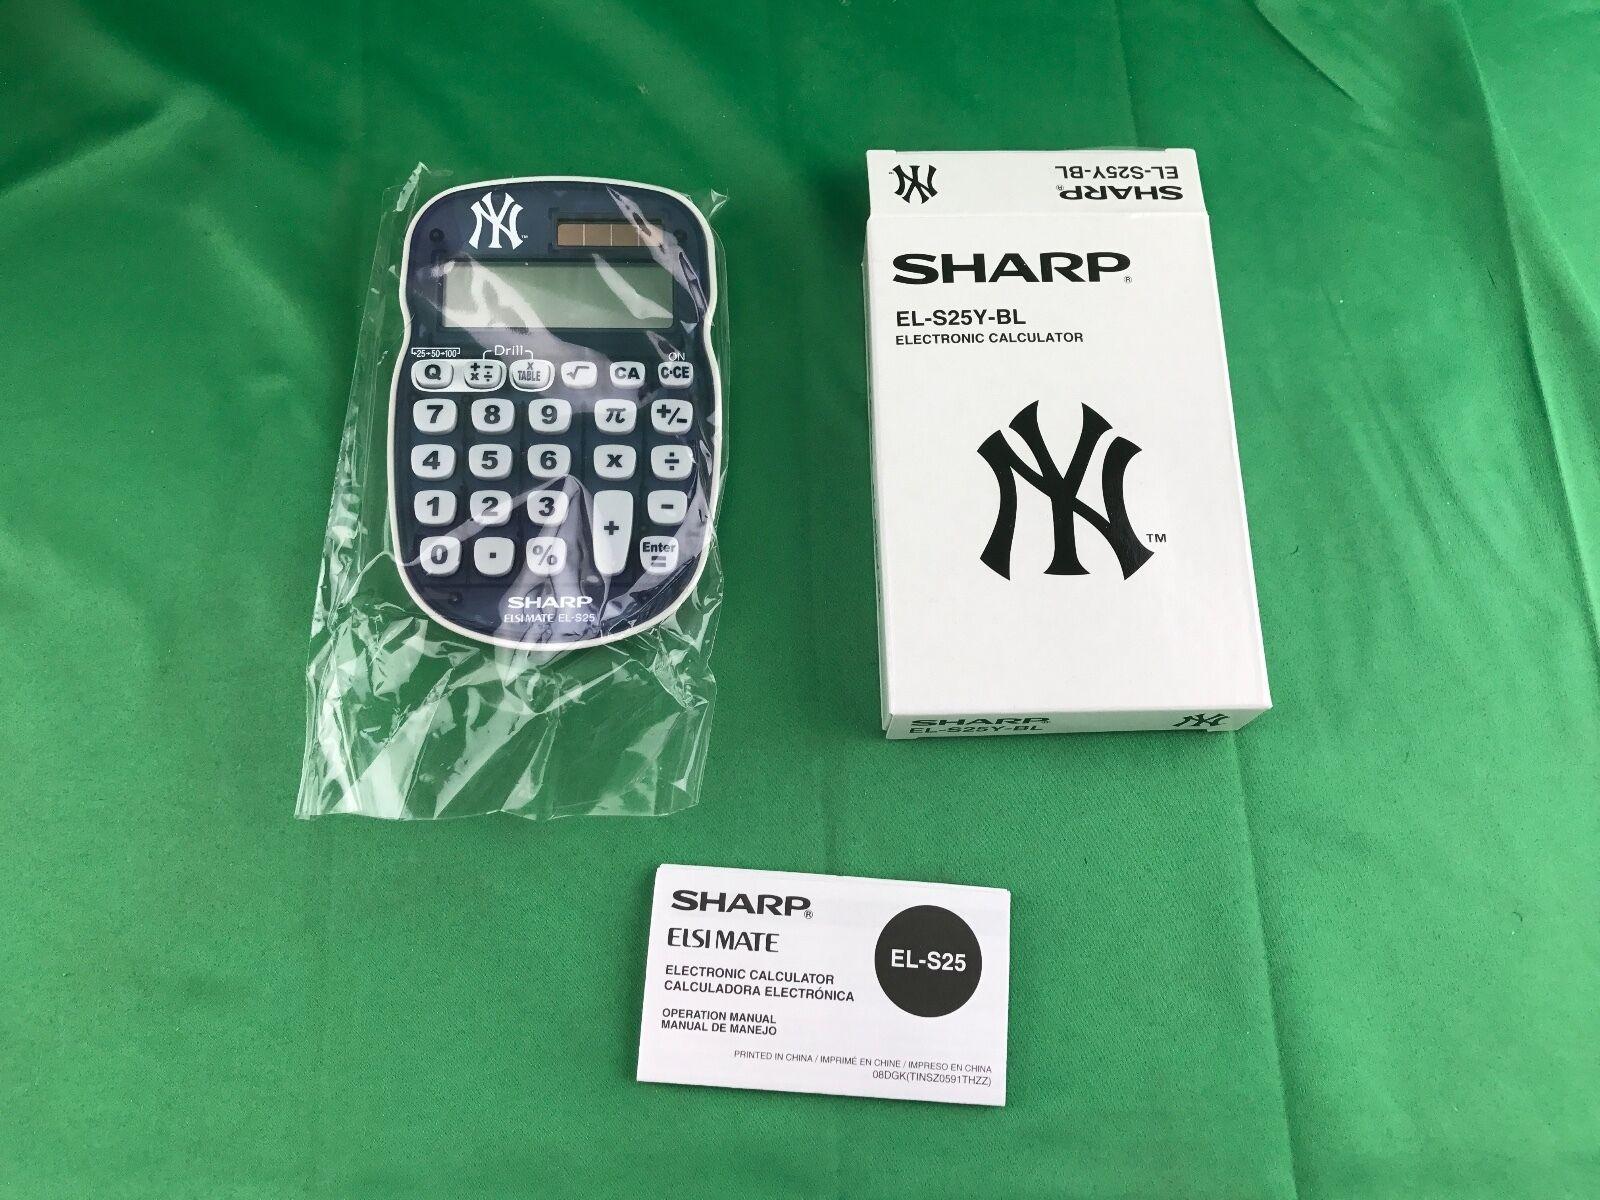 SHARP NY Electronic Calculator EL-S25Y-BL